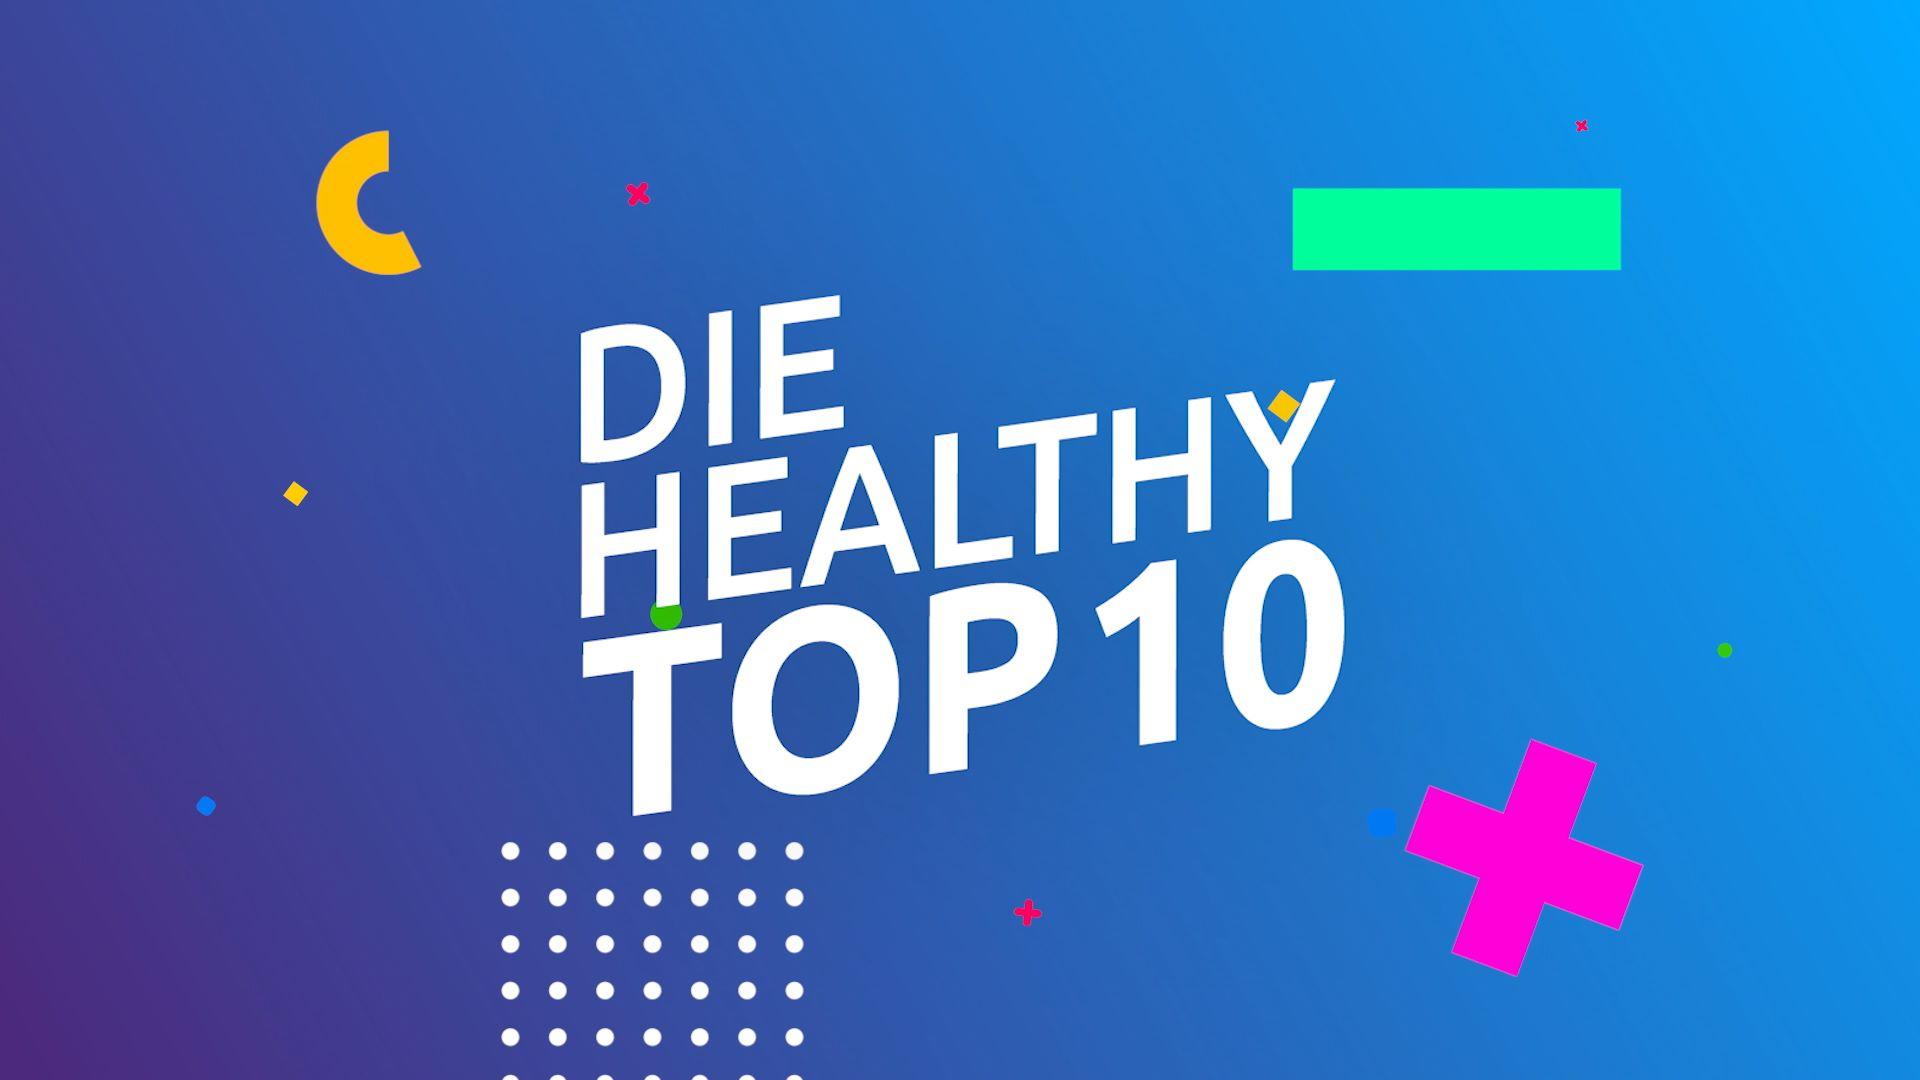 DIE HEALTHY TOP 10